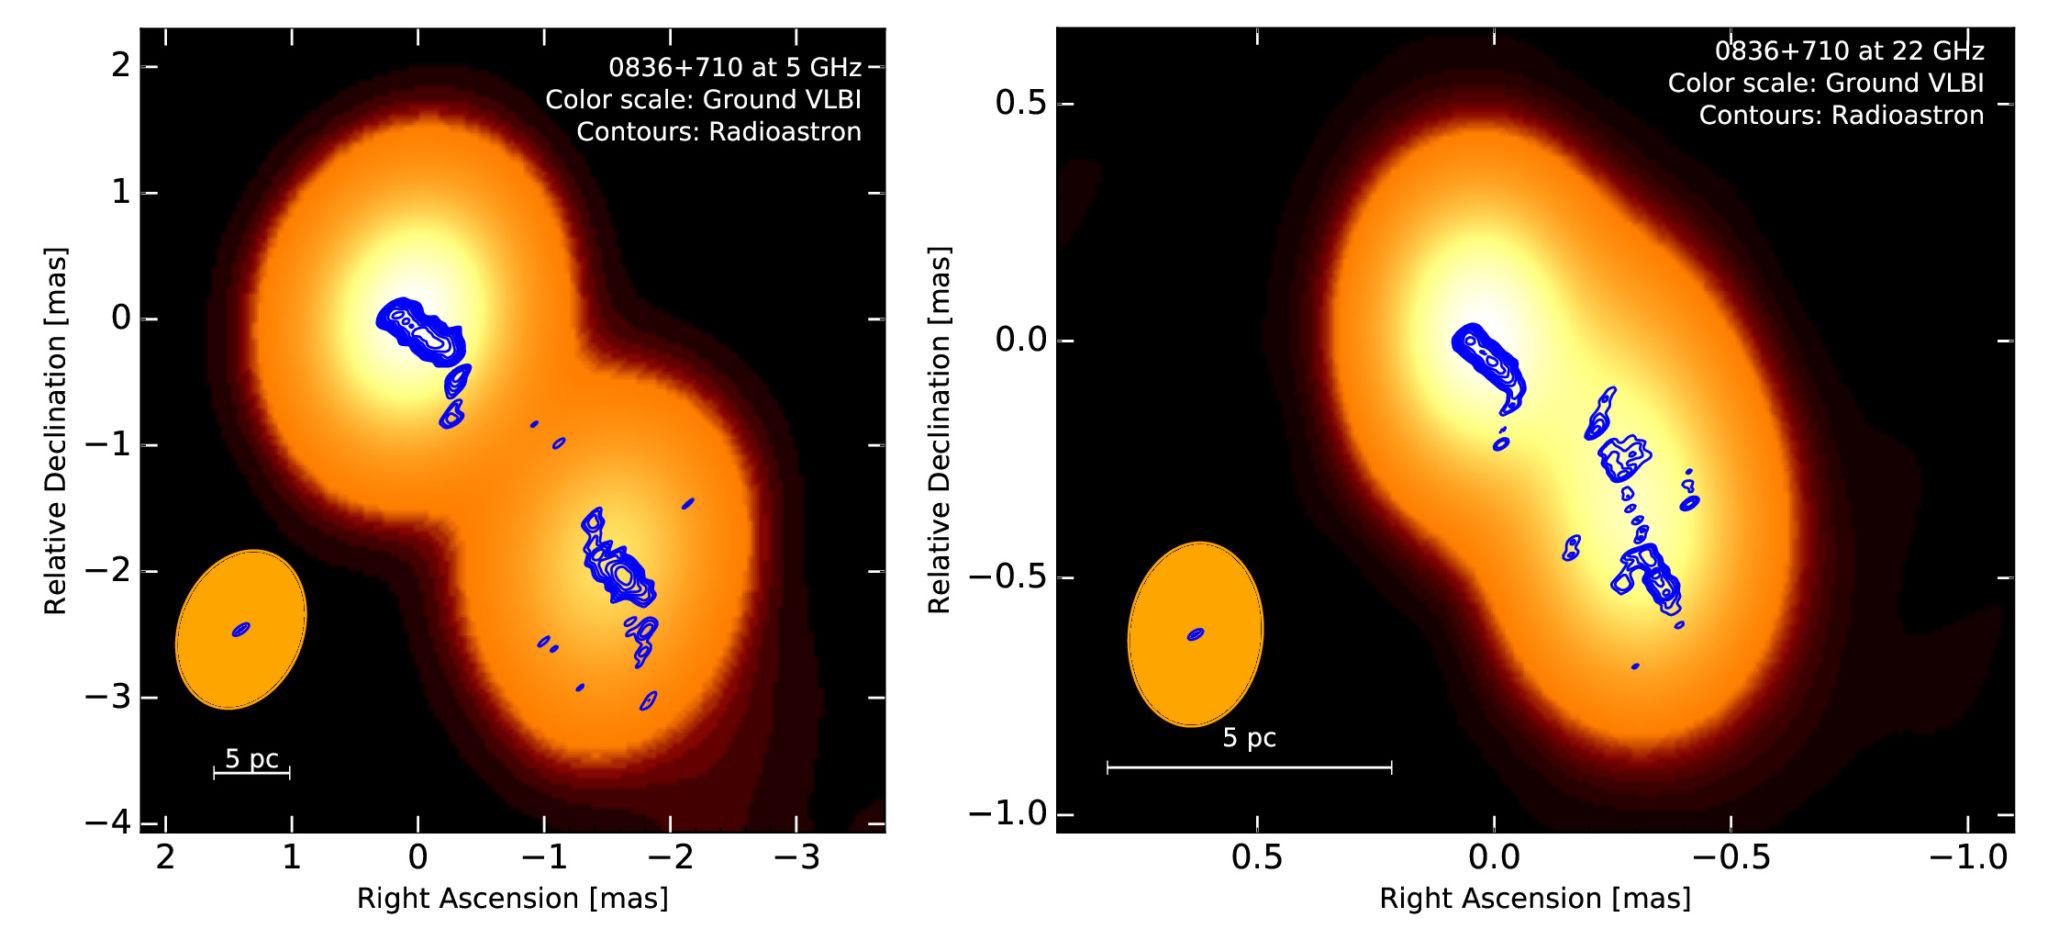 Рис. 3. Джет блазара 0836+71, движущийся на нас с отклонением 3°. Цветом показана карта, снятая наземным радиоинтерферометром, синими контурами — карта «Радиоастрона». На правой панели тот же источник, что и на левой (верхнее пятно), но на более высокой частоте и в большем масштабе (Vega-Garcia и др., 2019, A&A)